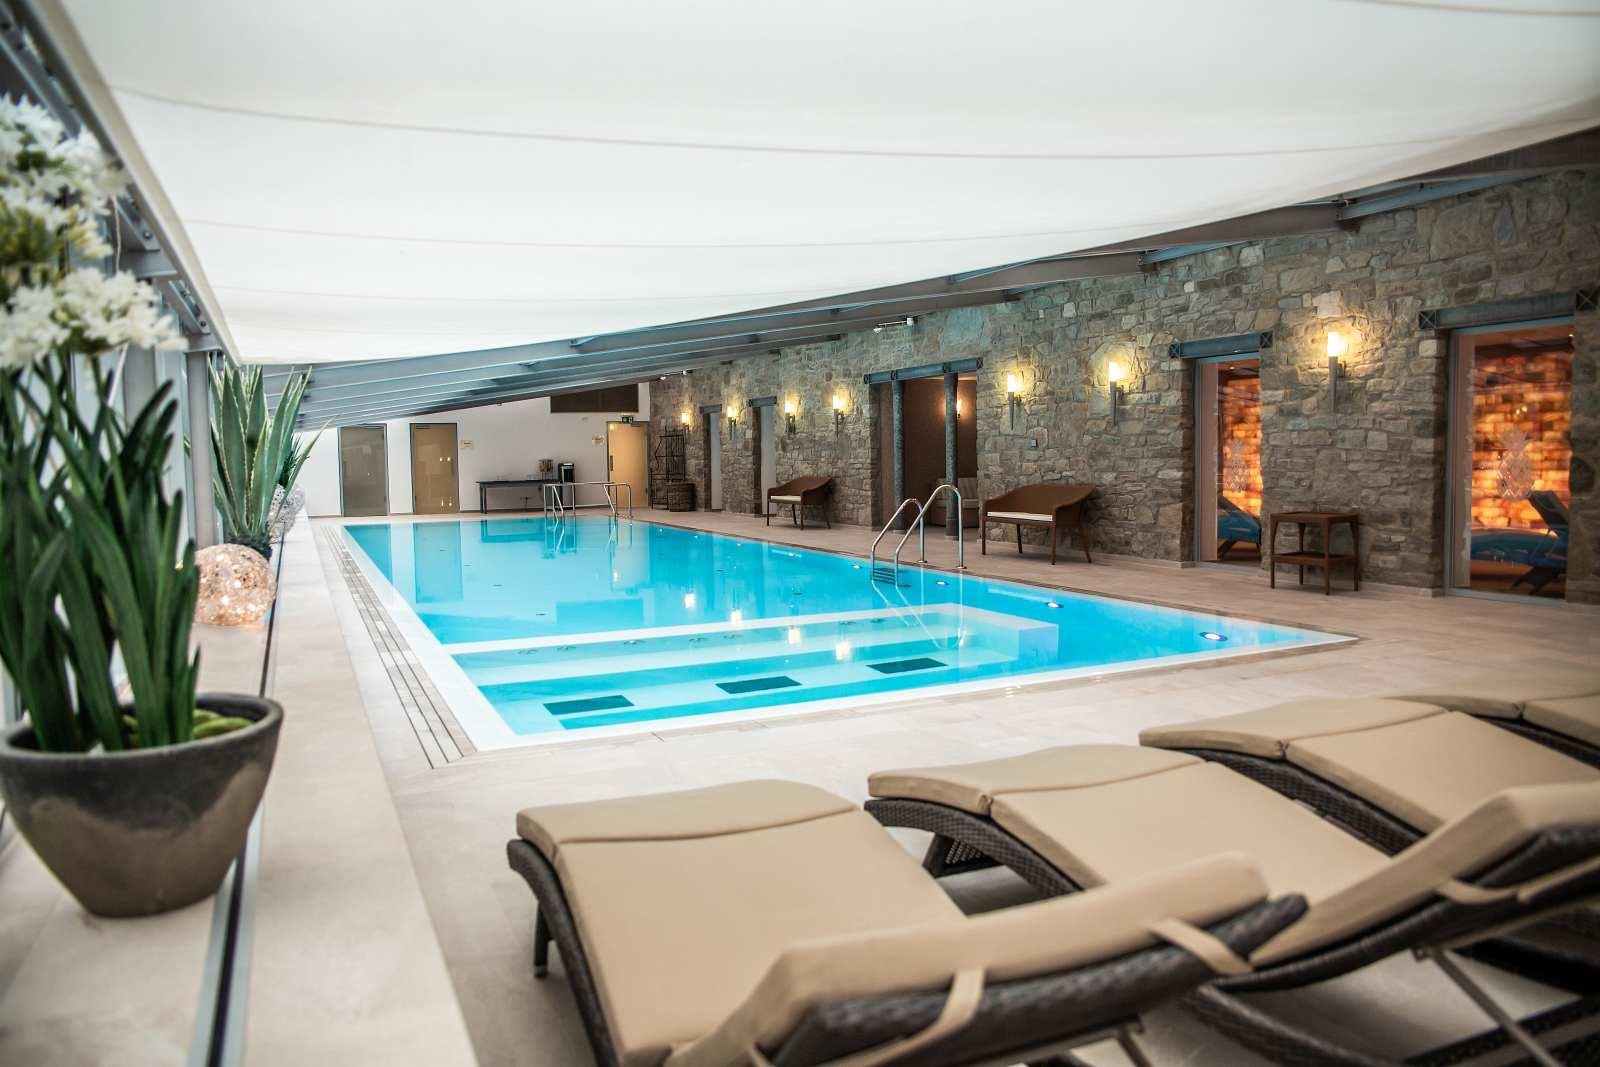 Schlosshotel_SPA